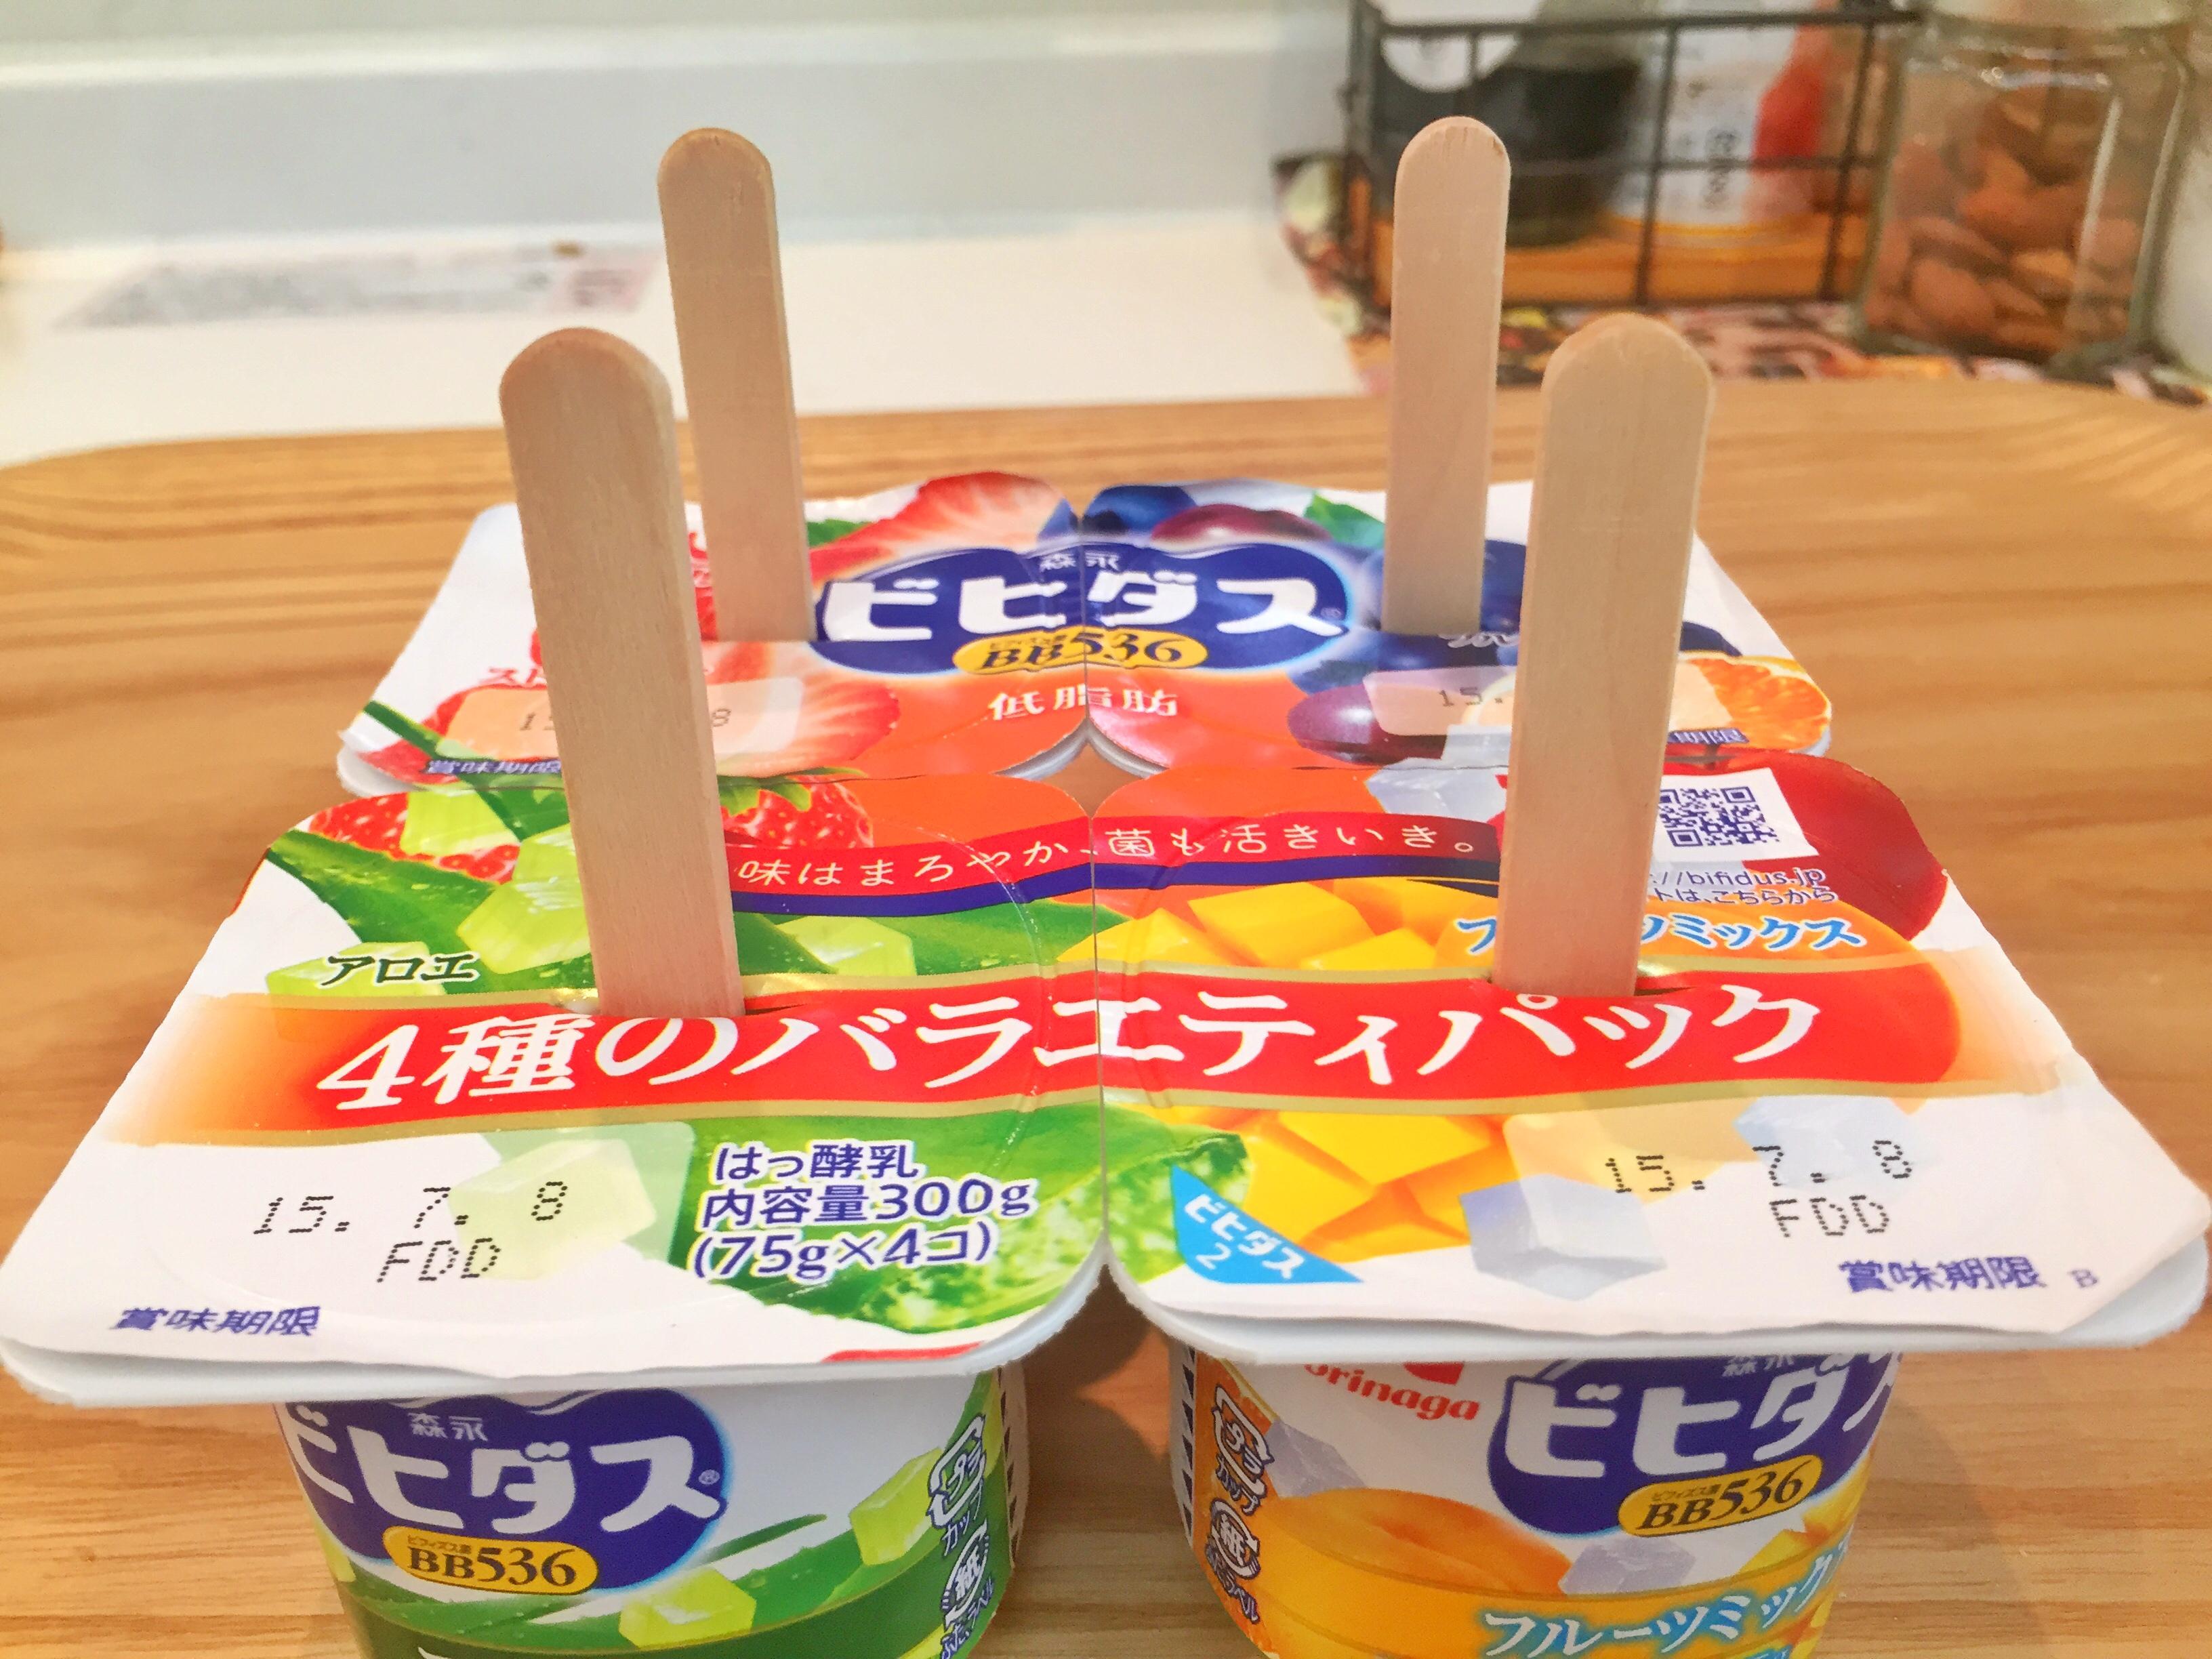 ヨーグルトのパッケージの中央にアイスの棒をさす